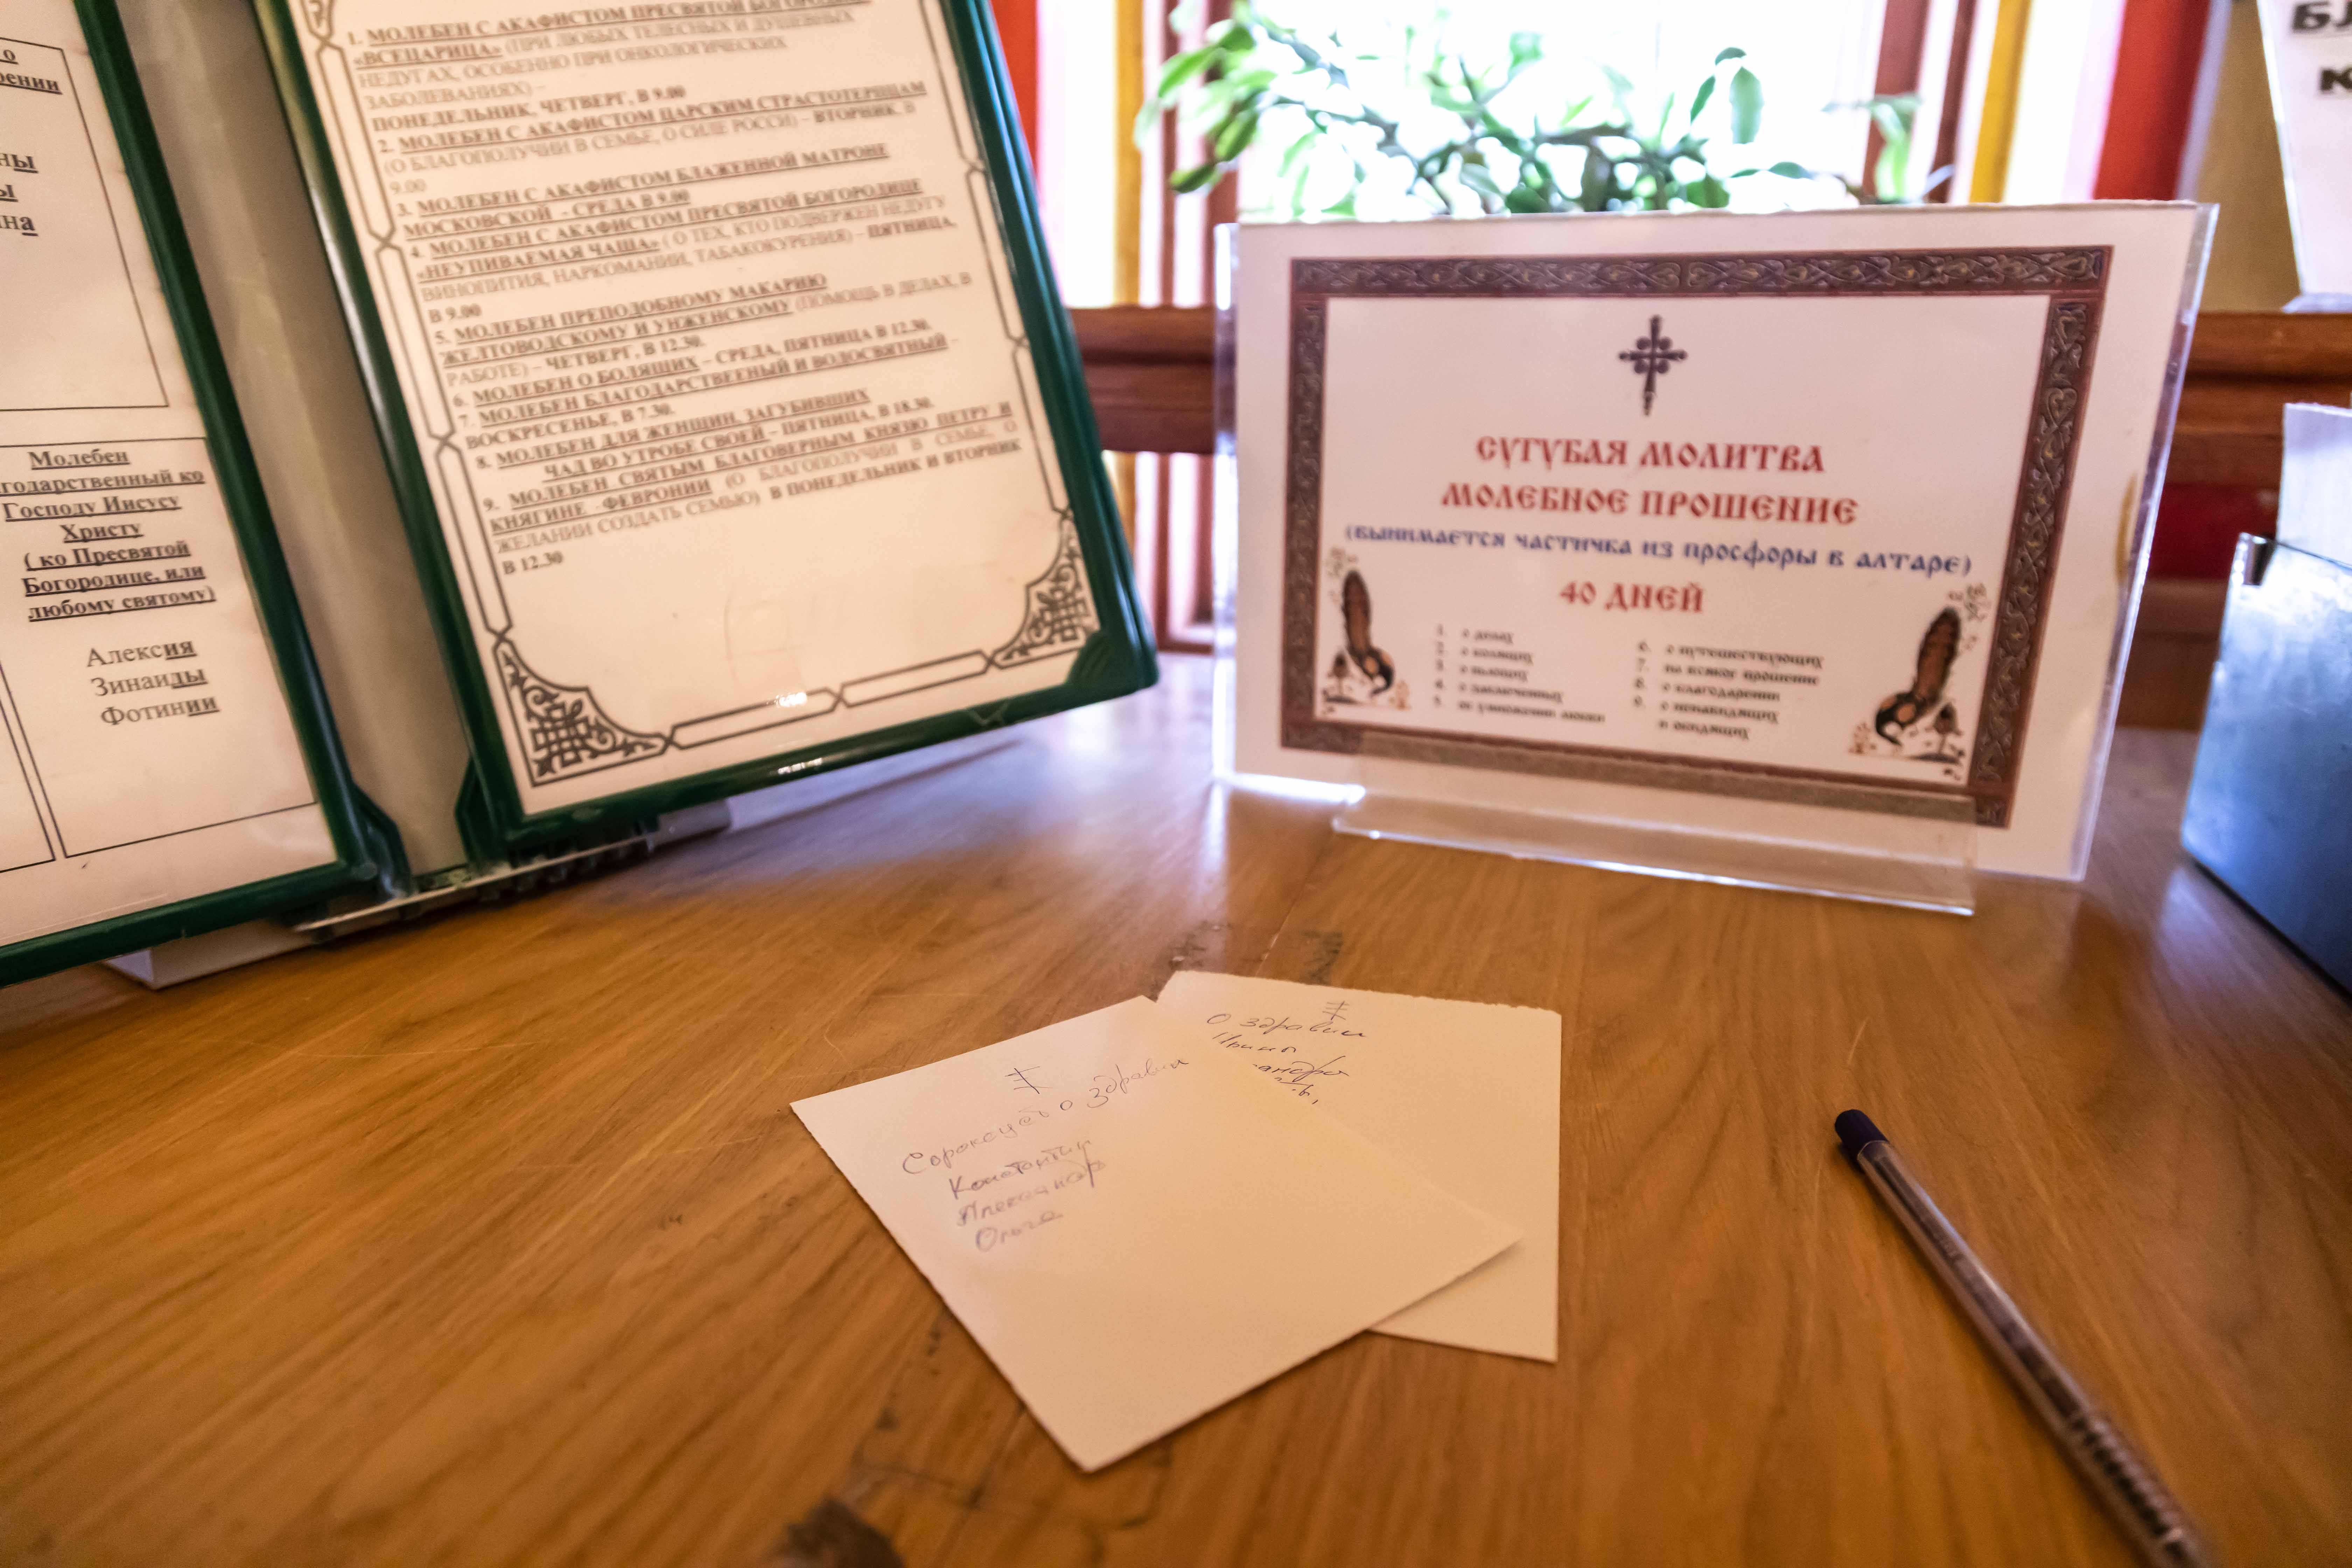 Требы ко дню памяти святителя Николая Чудотворца можно заказать на сайте «Серафимова земля» до 18 декабря